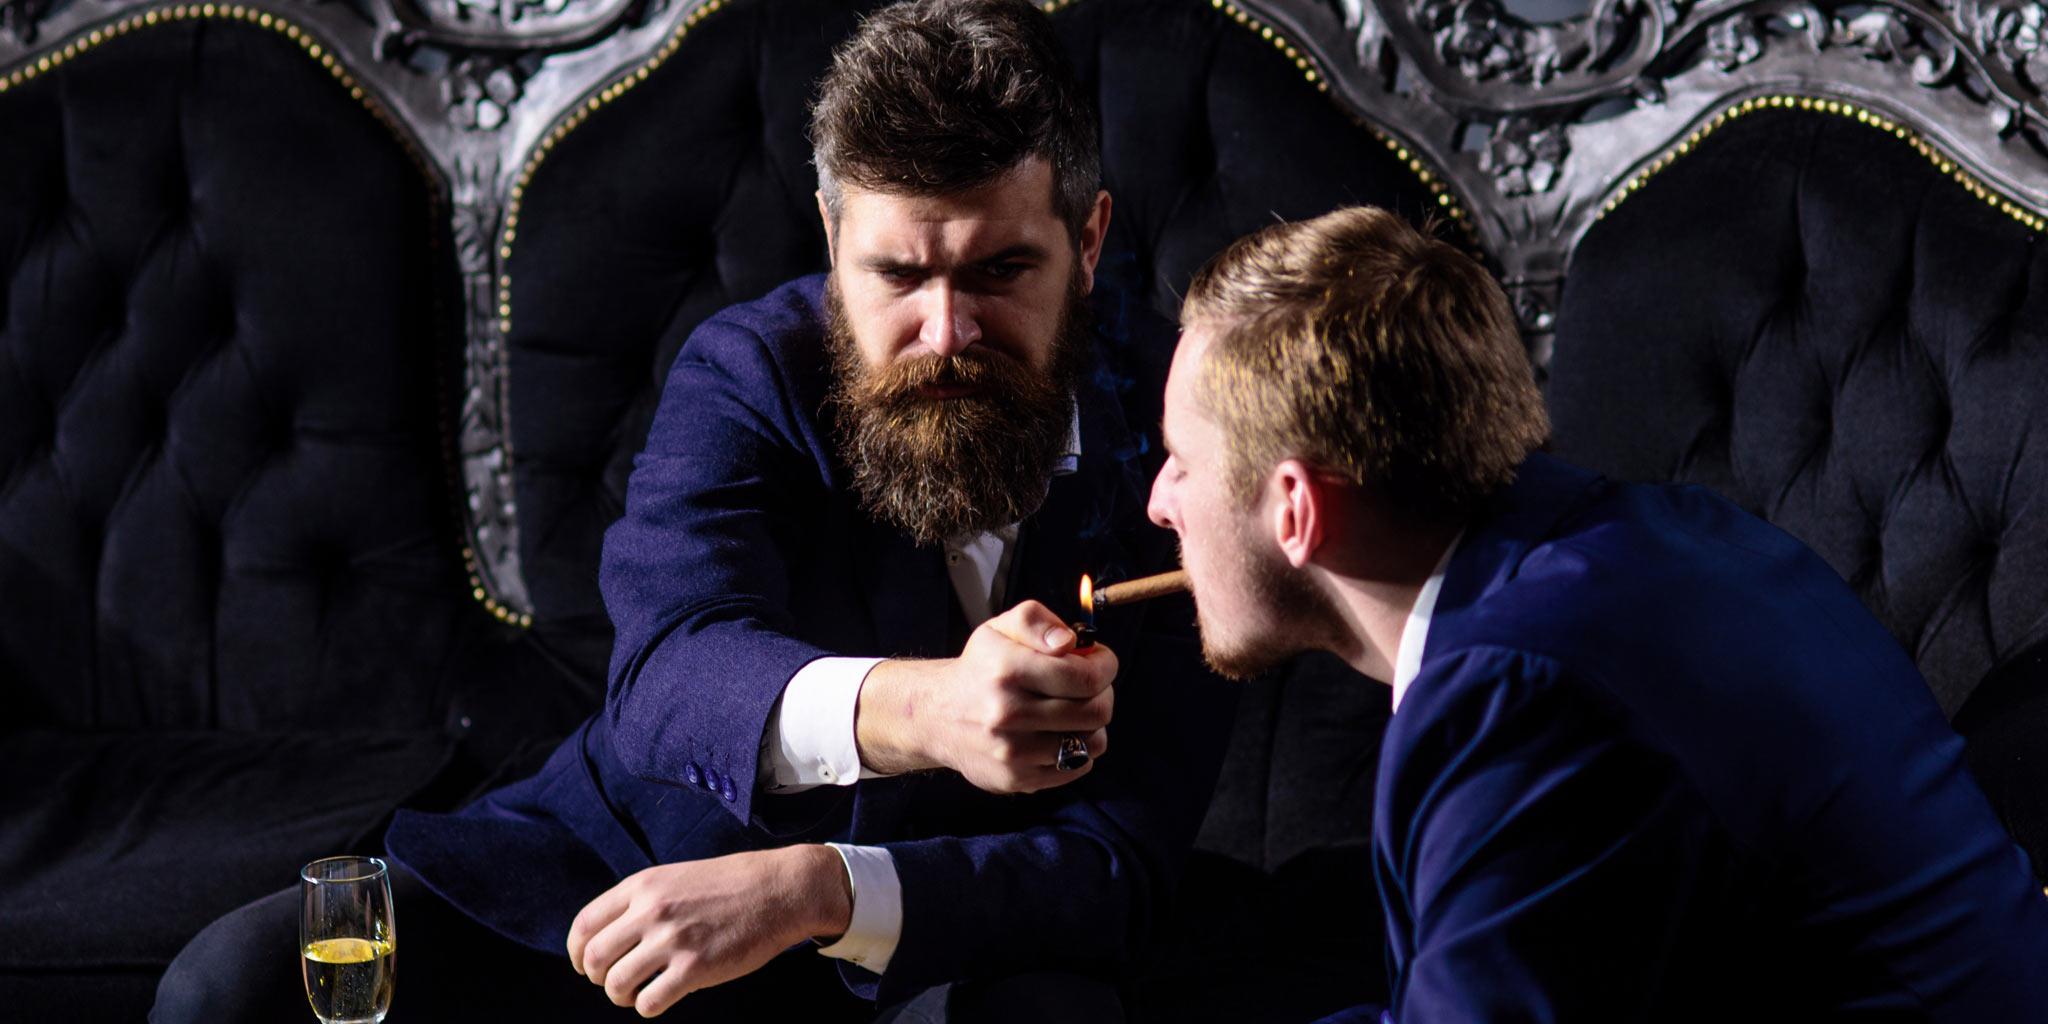 Een man die de sigaar van de andere man. aansteekt